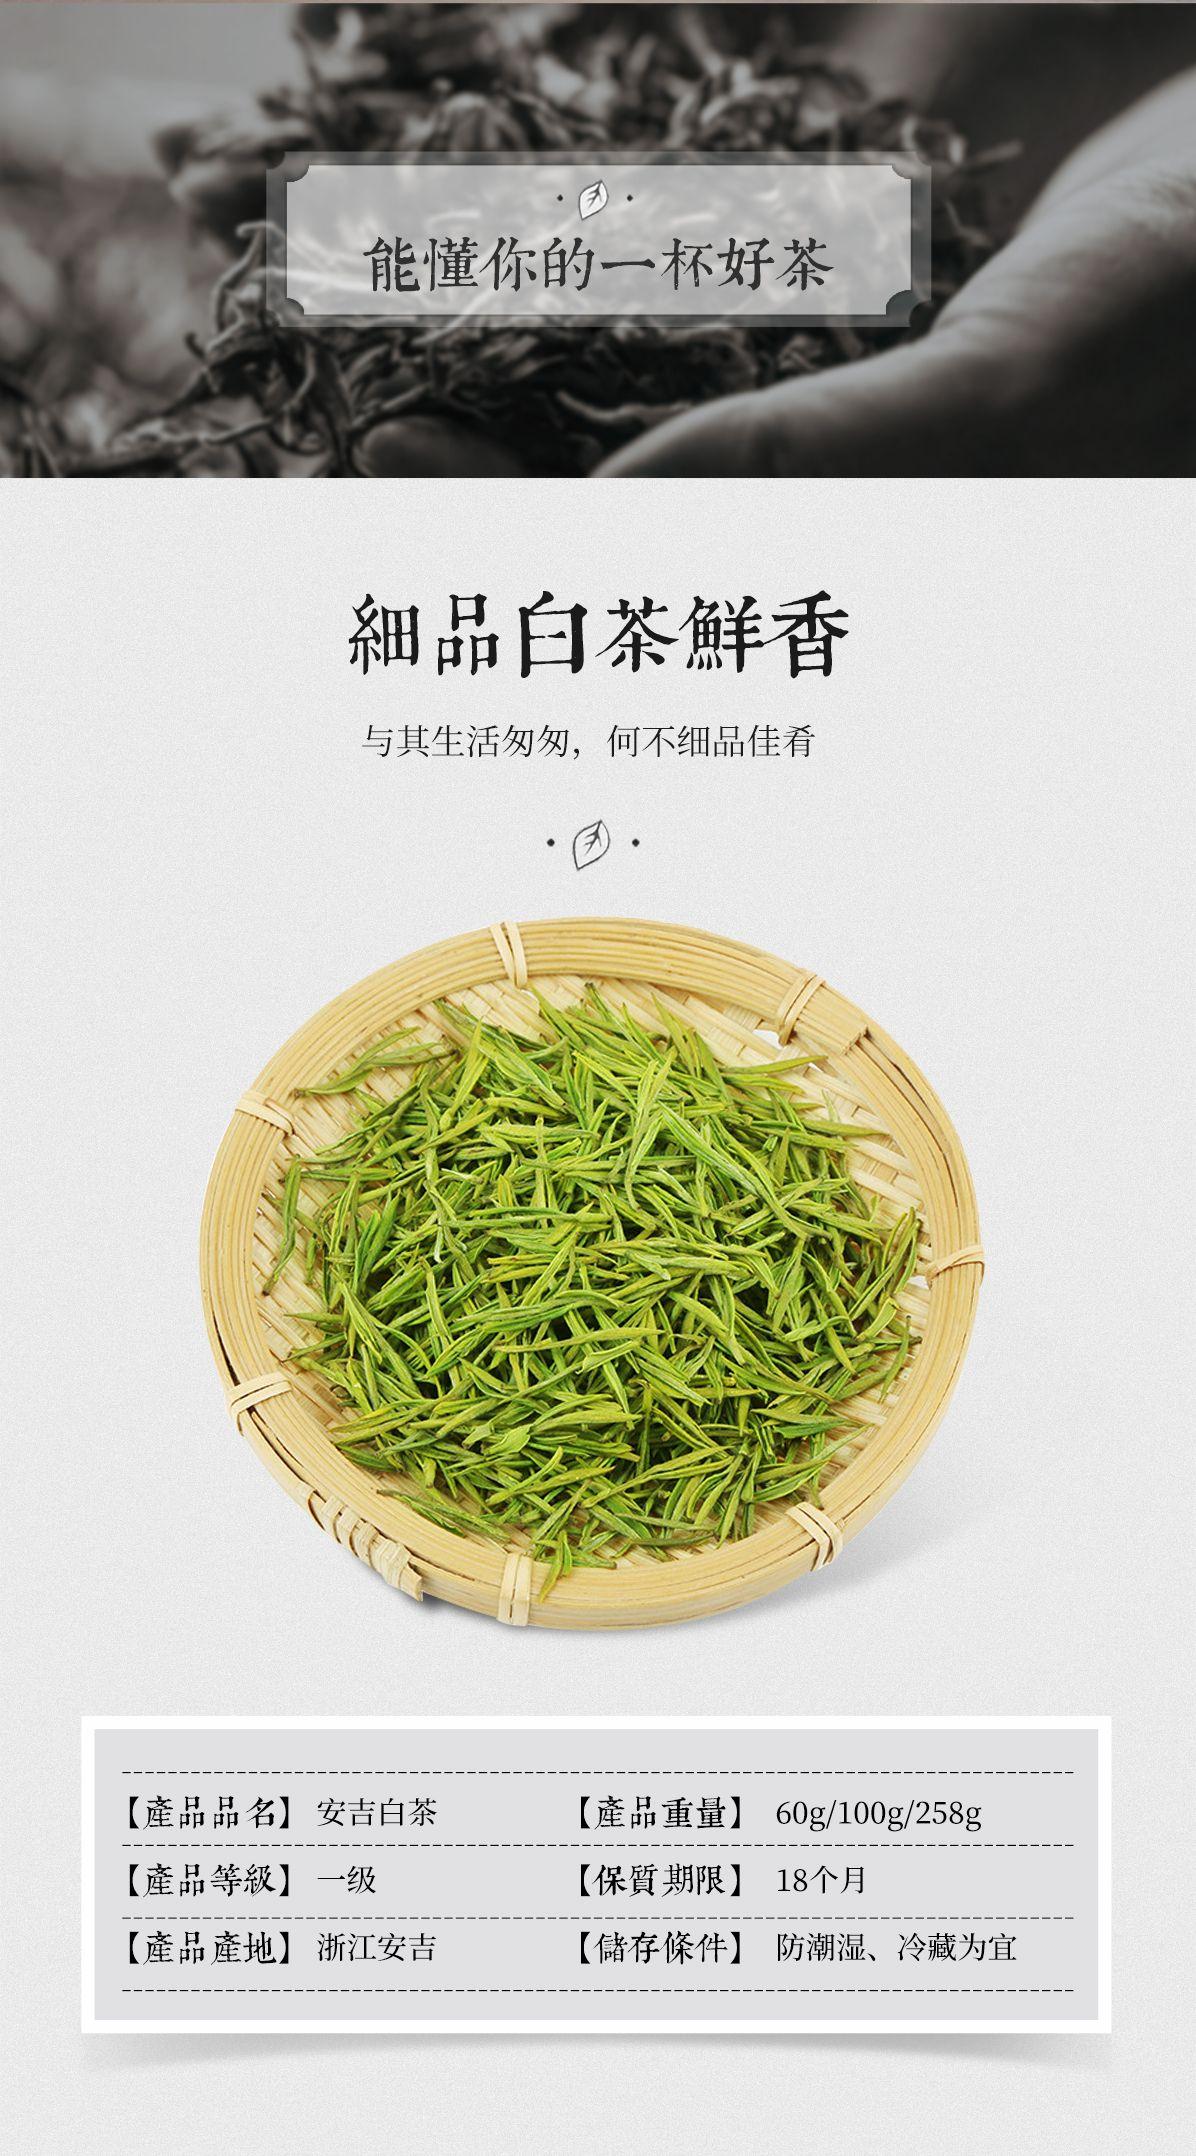 4-13-官网白茶详情_02.jpg